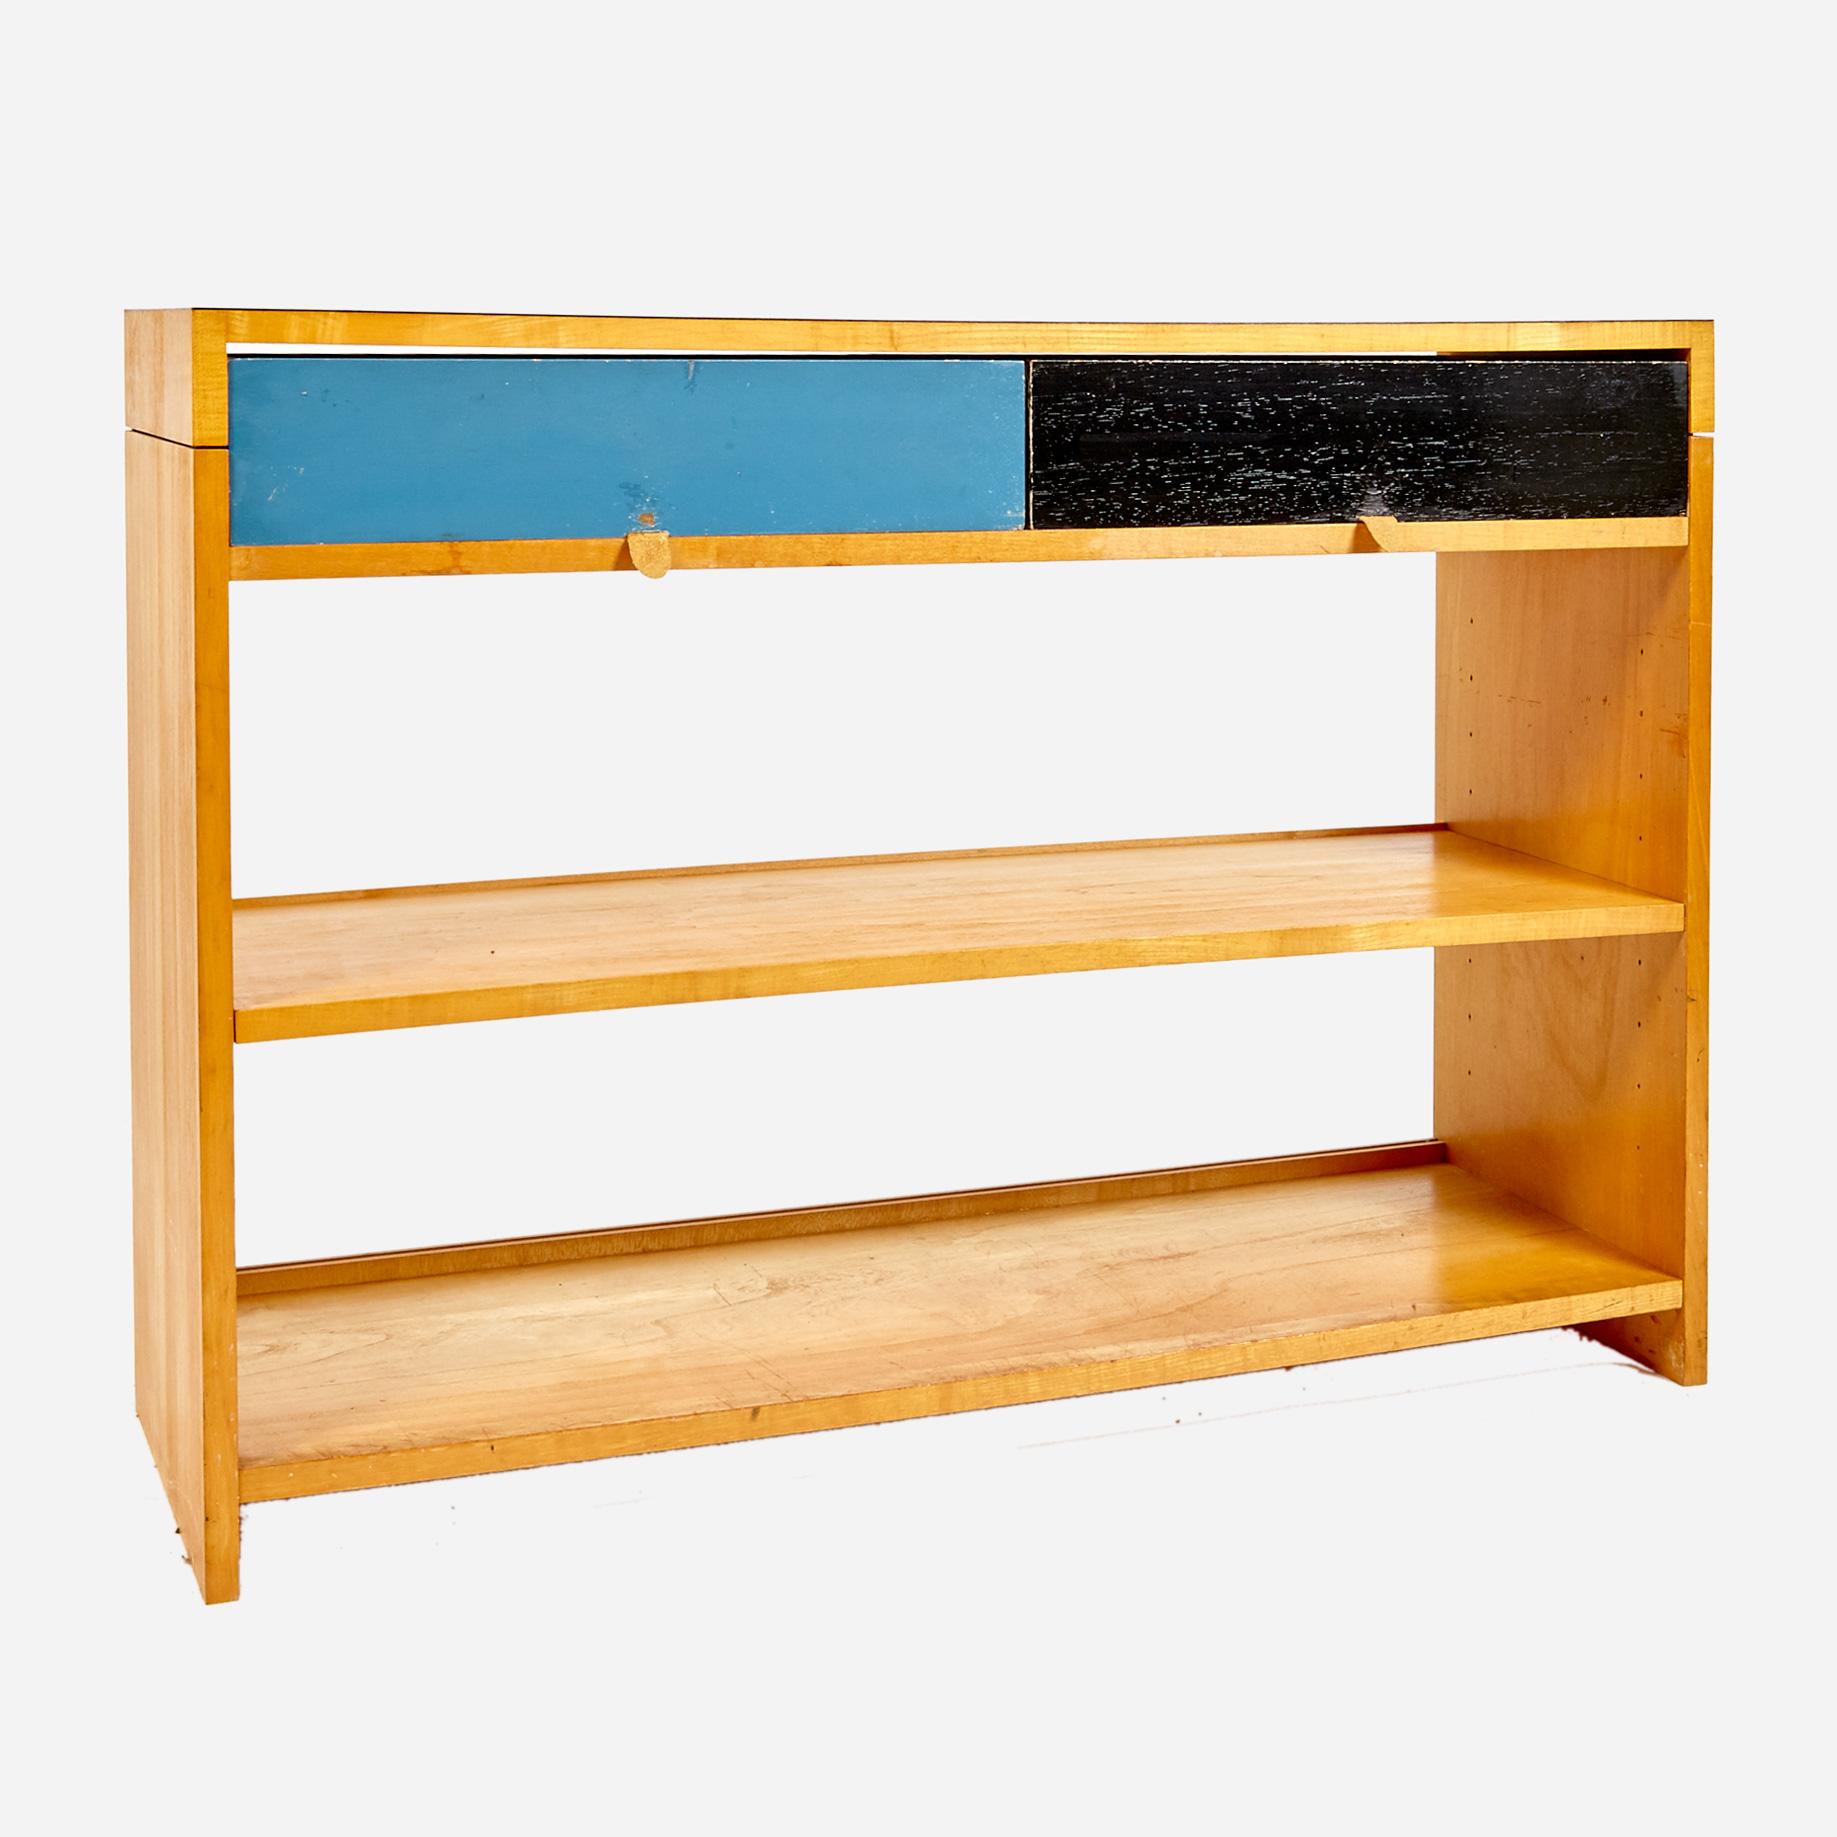 regal mit zwei schubladen von emil guhl m bel z rich vintagem bel. Black Bedroom Furniture Sets. Home Design Ideas